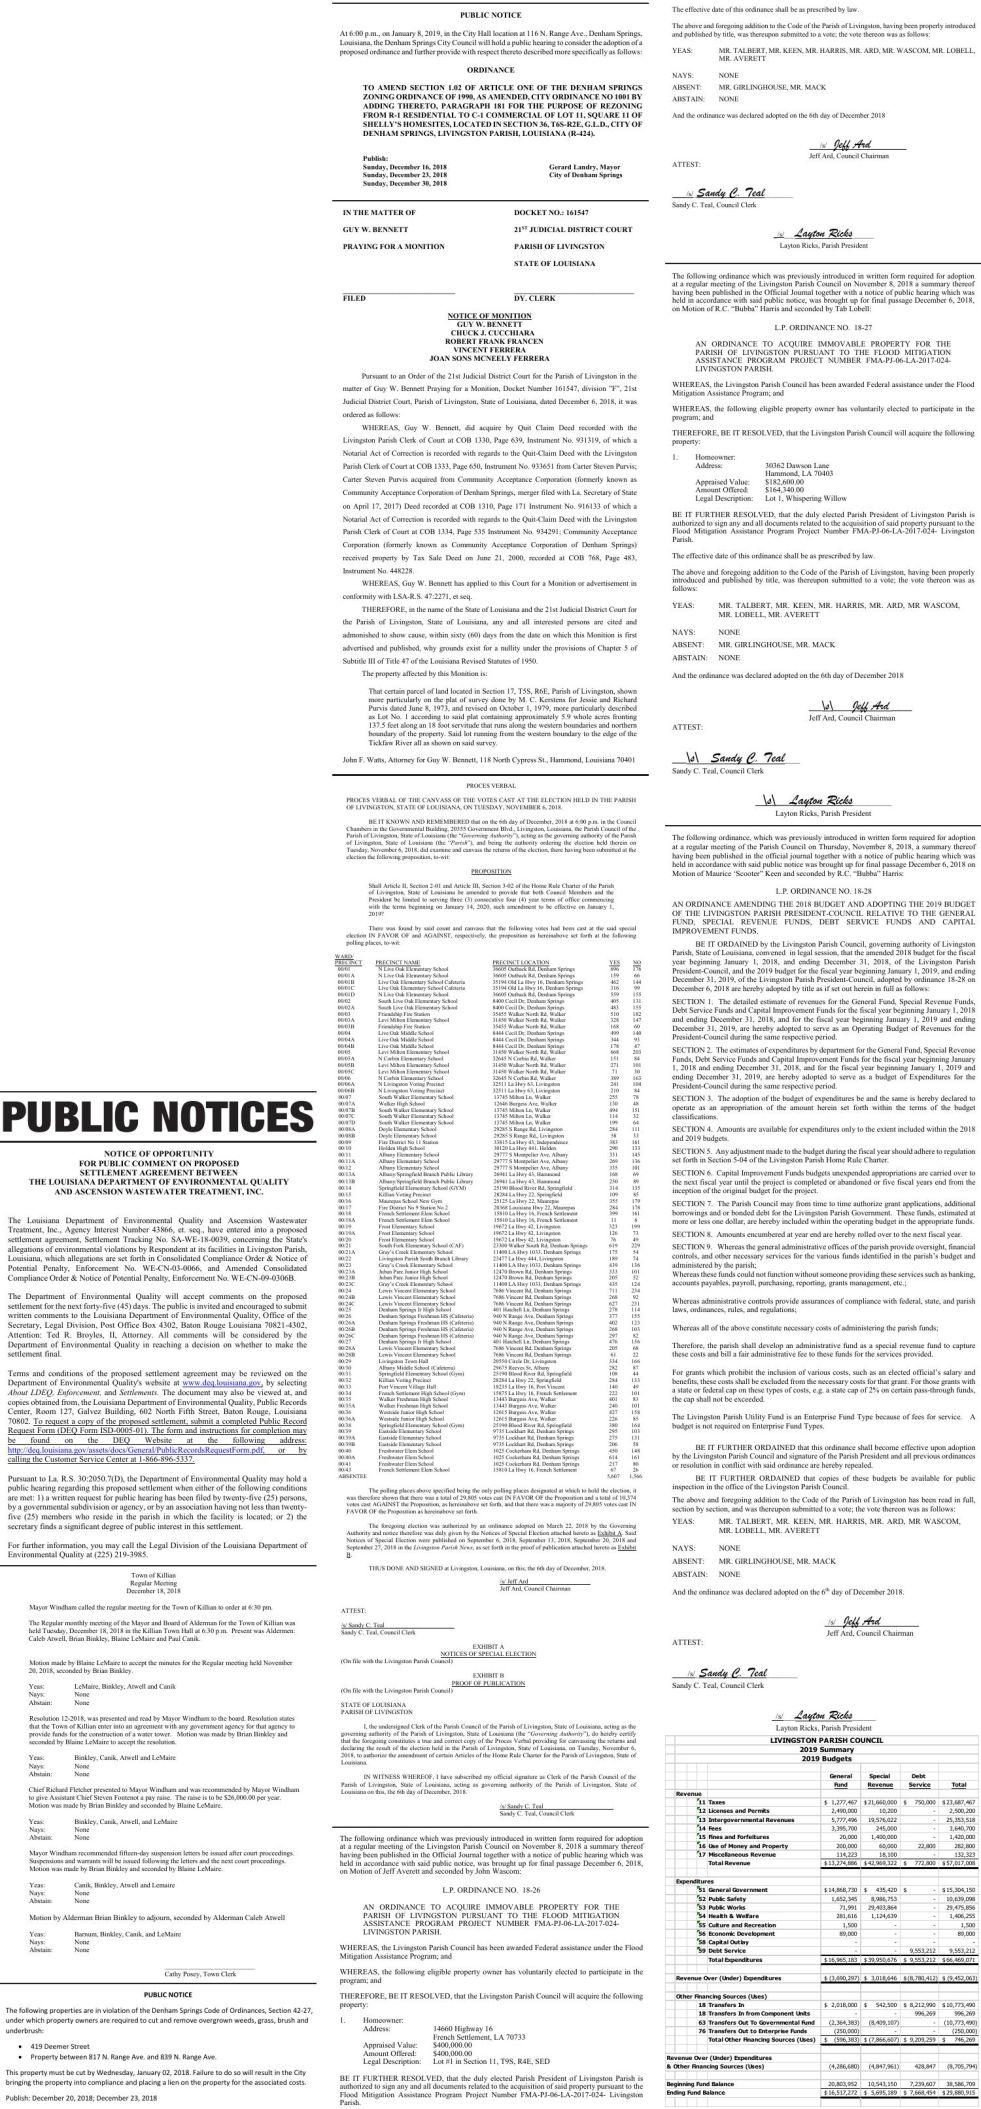 Public Notices published December 23, 2018